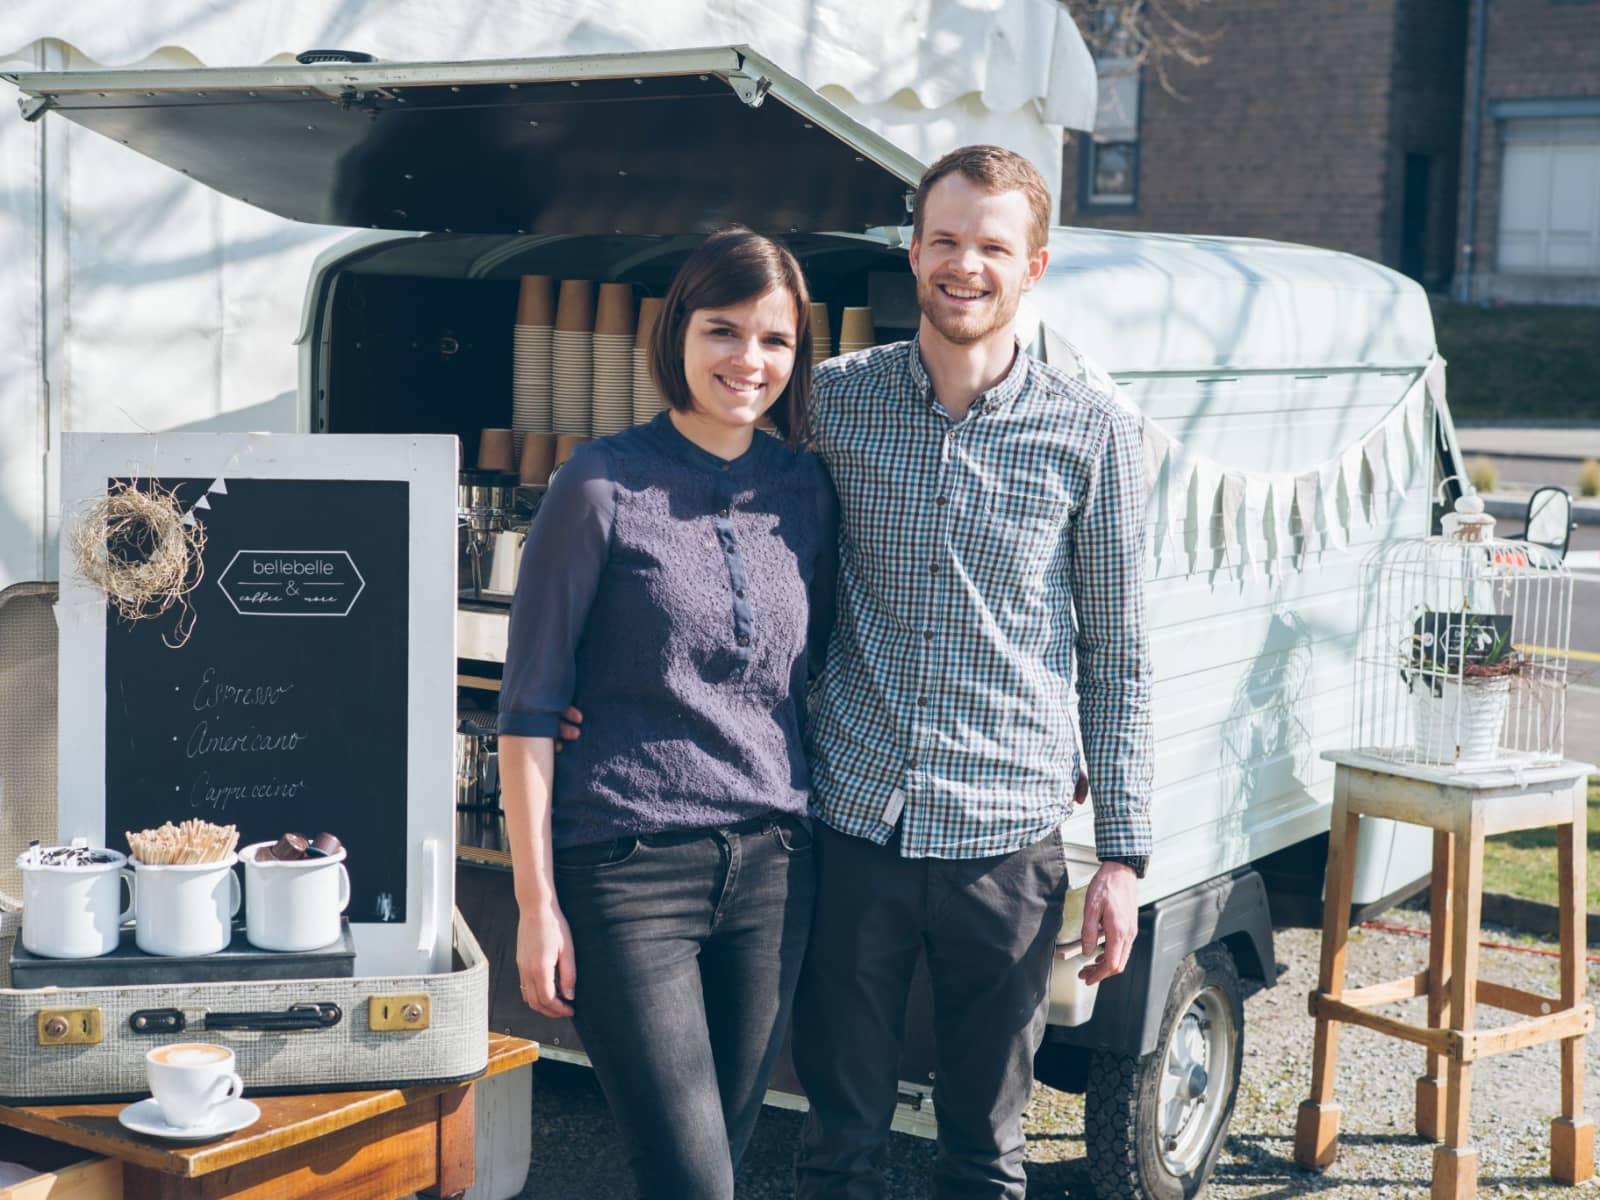 Matthias & Bettina from Degersheim, Switzerland